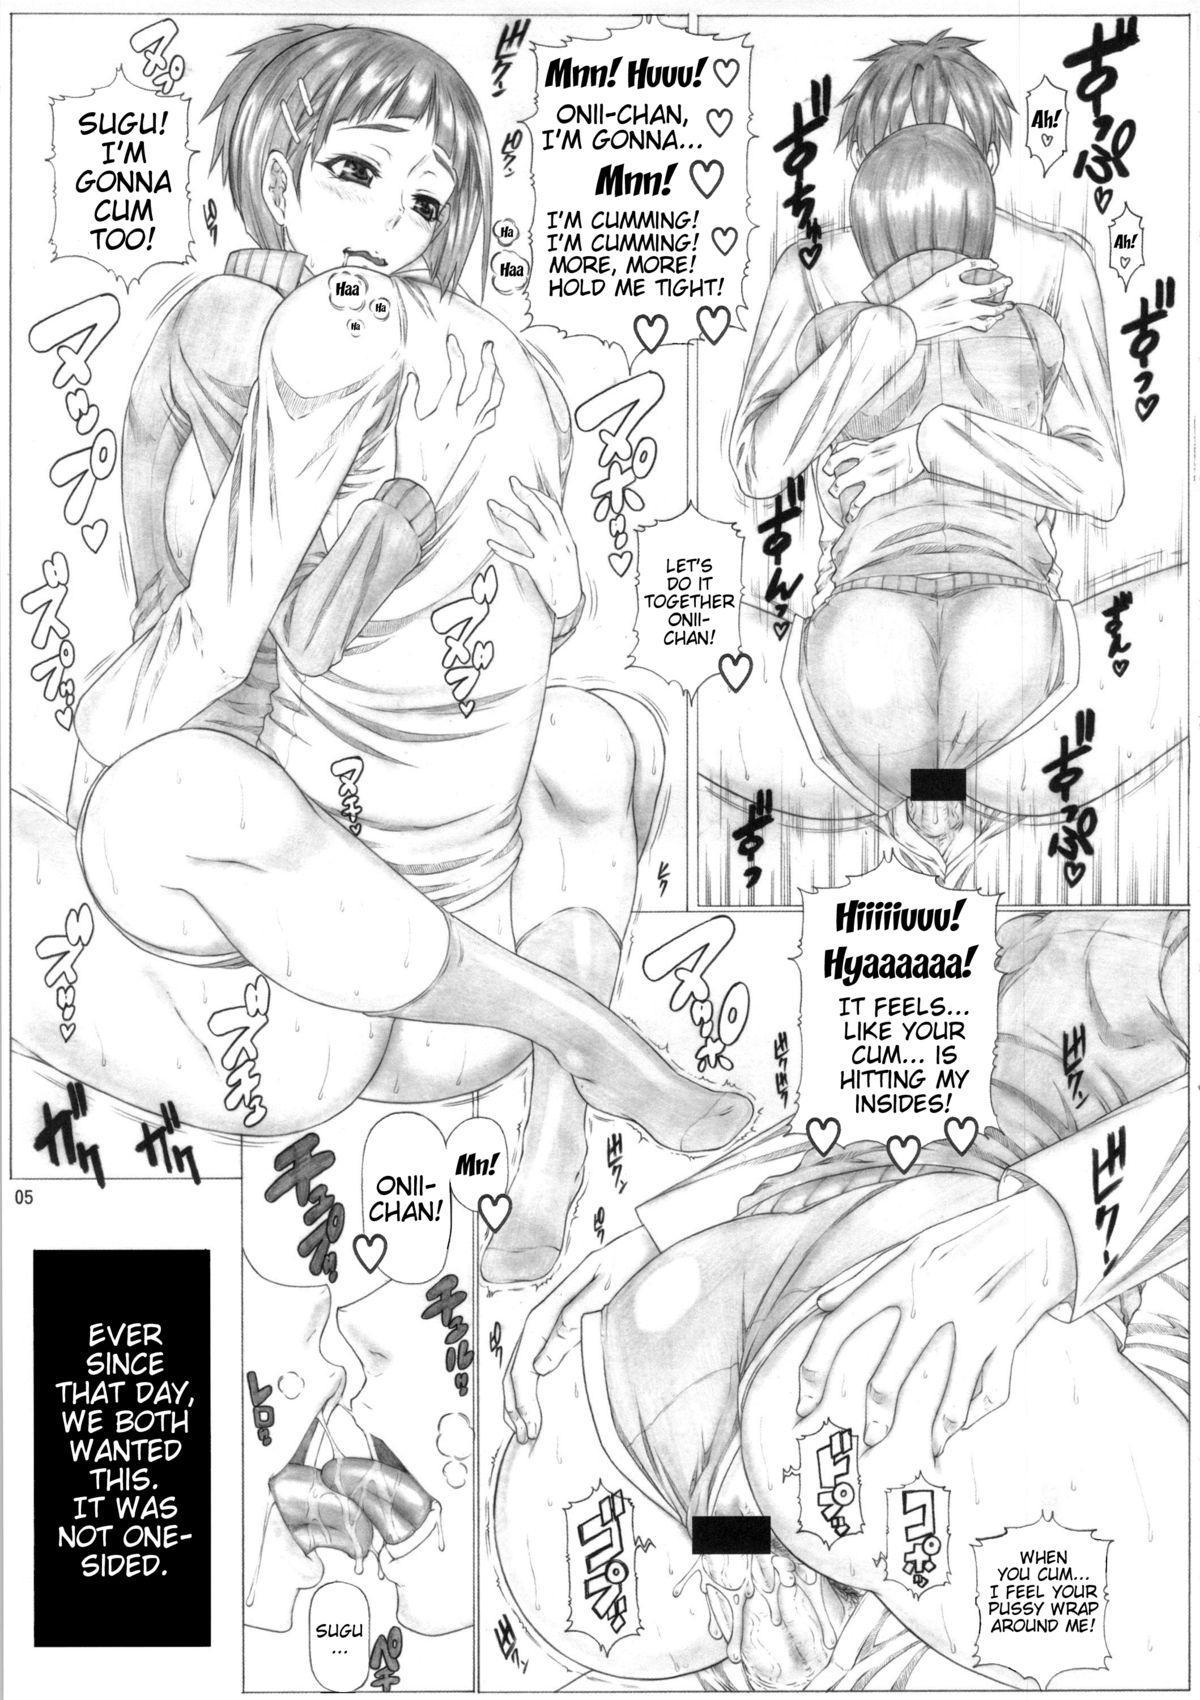 (COMIC1☆7) [AXZ (Kutani)] Angel's stroke 72 Suguha Scramble! Oniichan no Seiyoku Kanri | Suguha Scramble - Managing Onii-chan's Sex-Drive (Sword Art Online) [English] {Doujin-Moe} 5